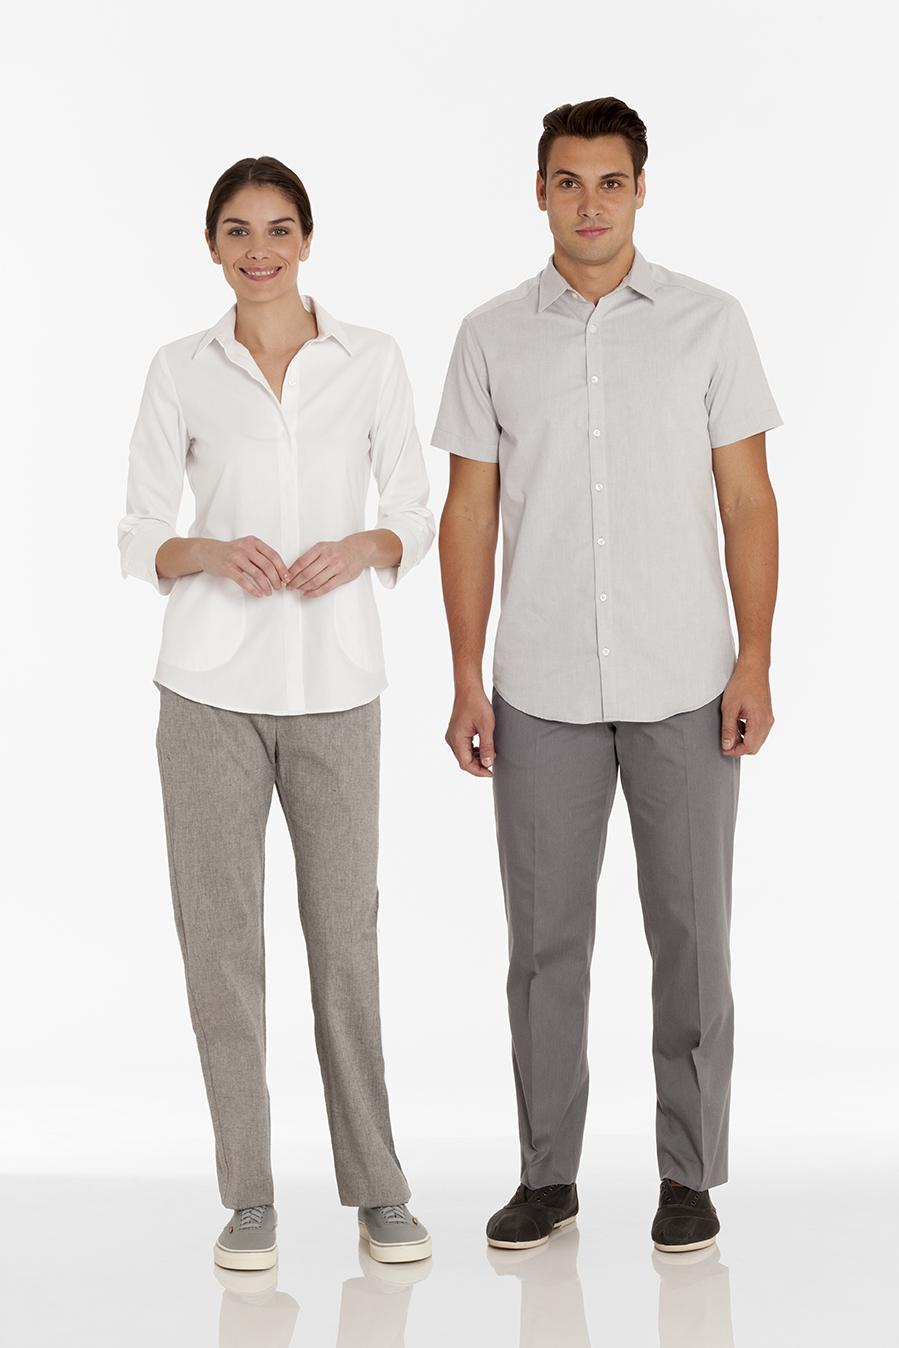 Shirt 606 / 1082 Pant 154 / 260